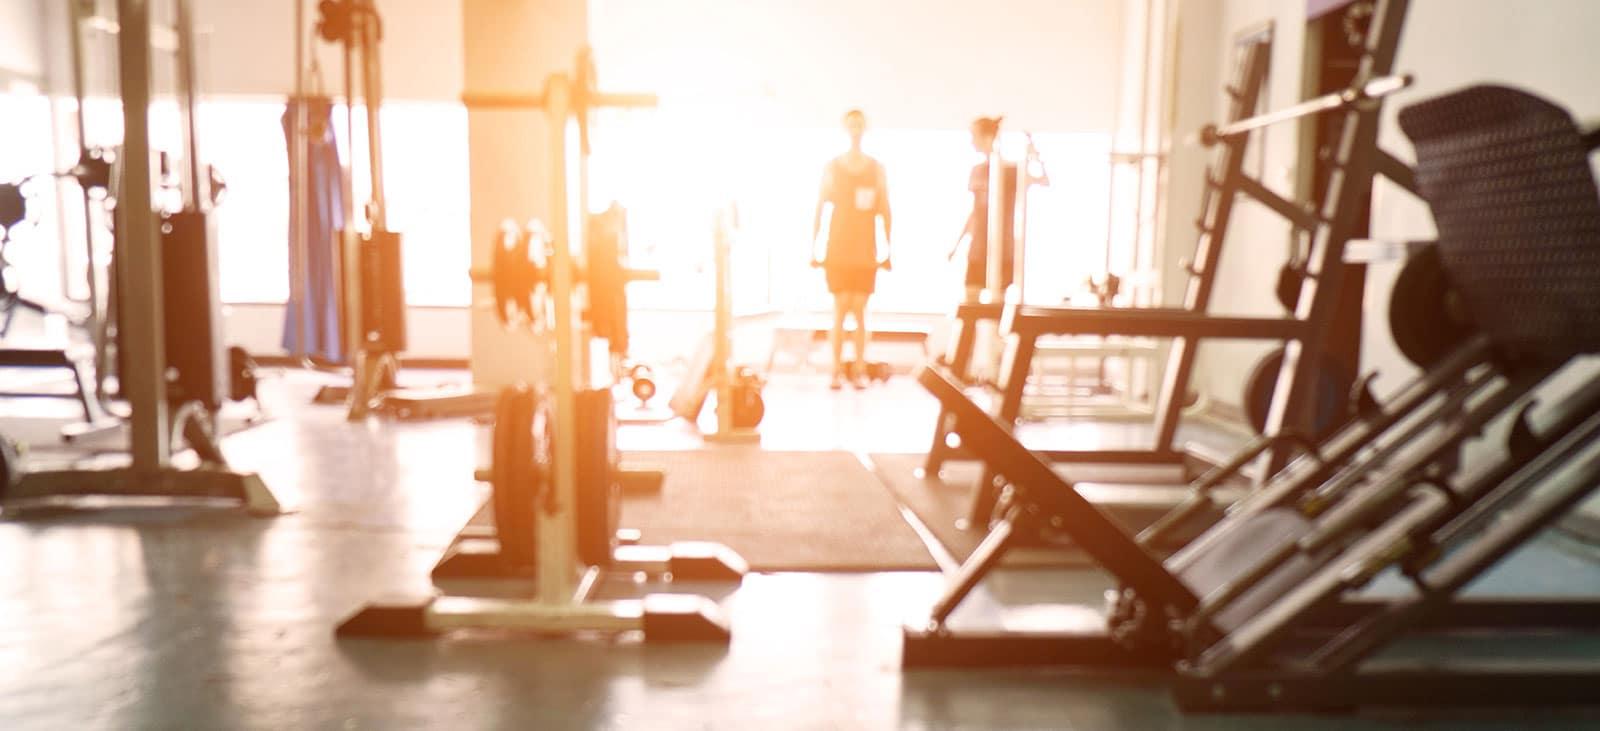 Impressionen eines Fitnessstudio